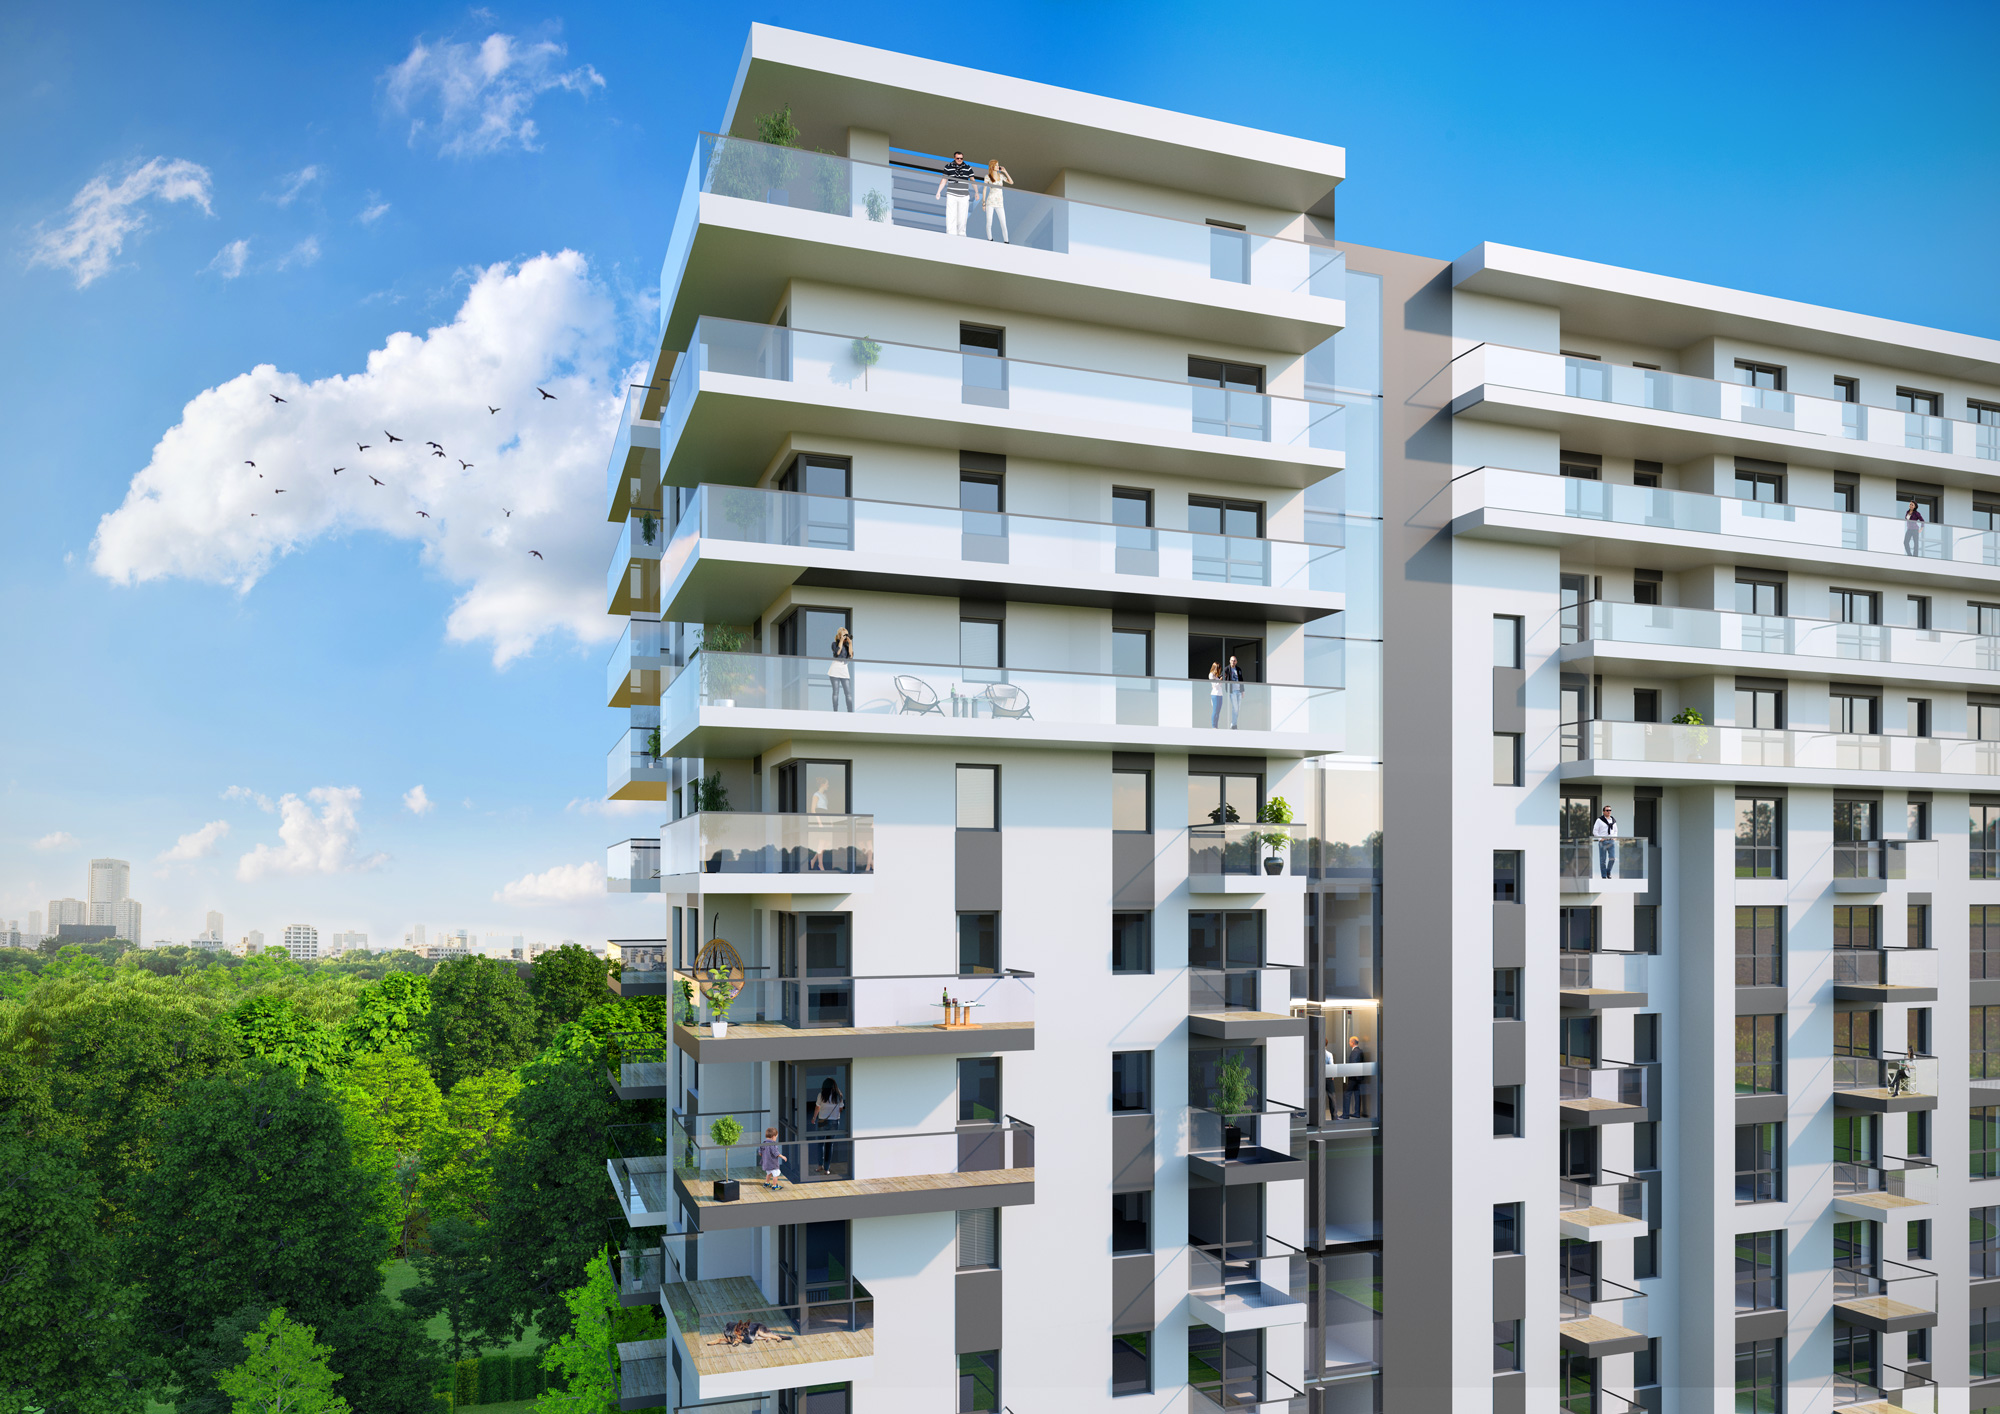 Wizualizacje_Architektoniczne_Architektury_Neopolis_Designova (1).jpg